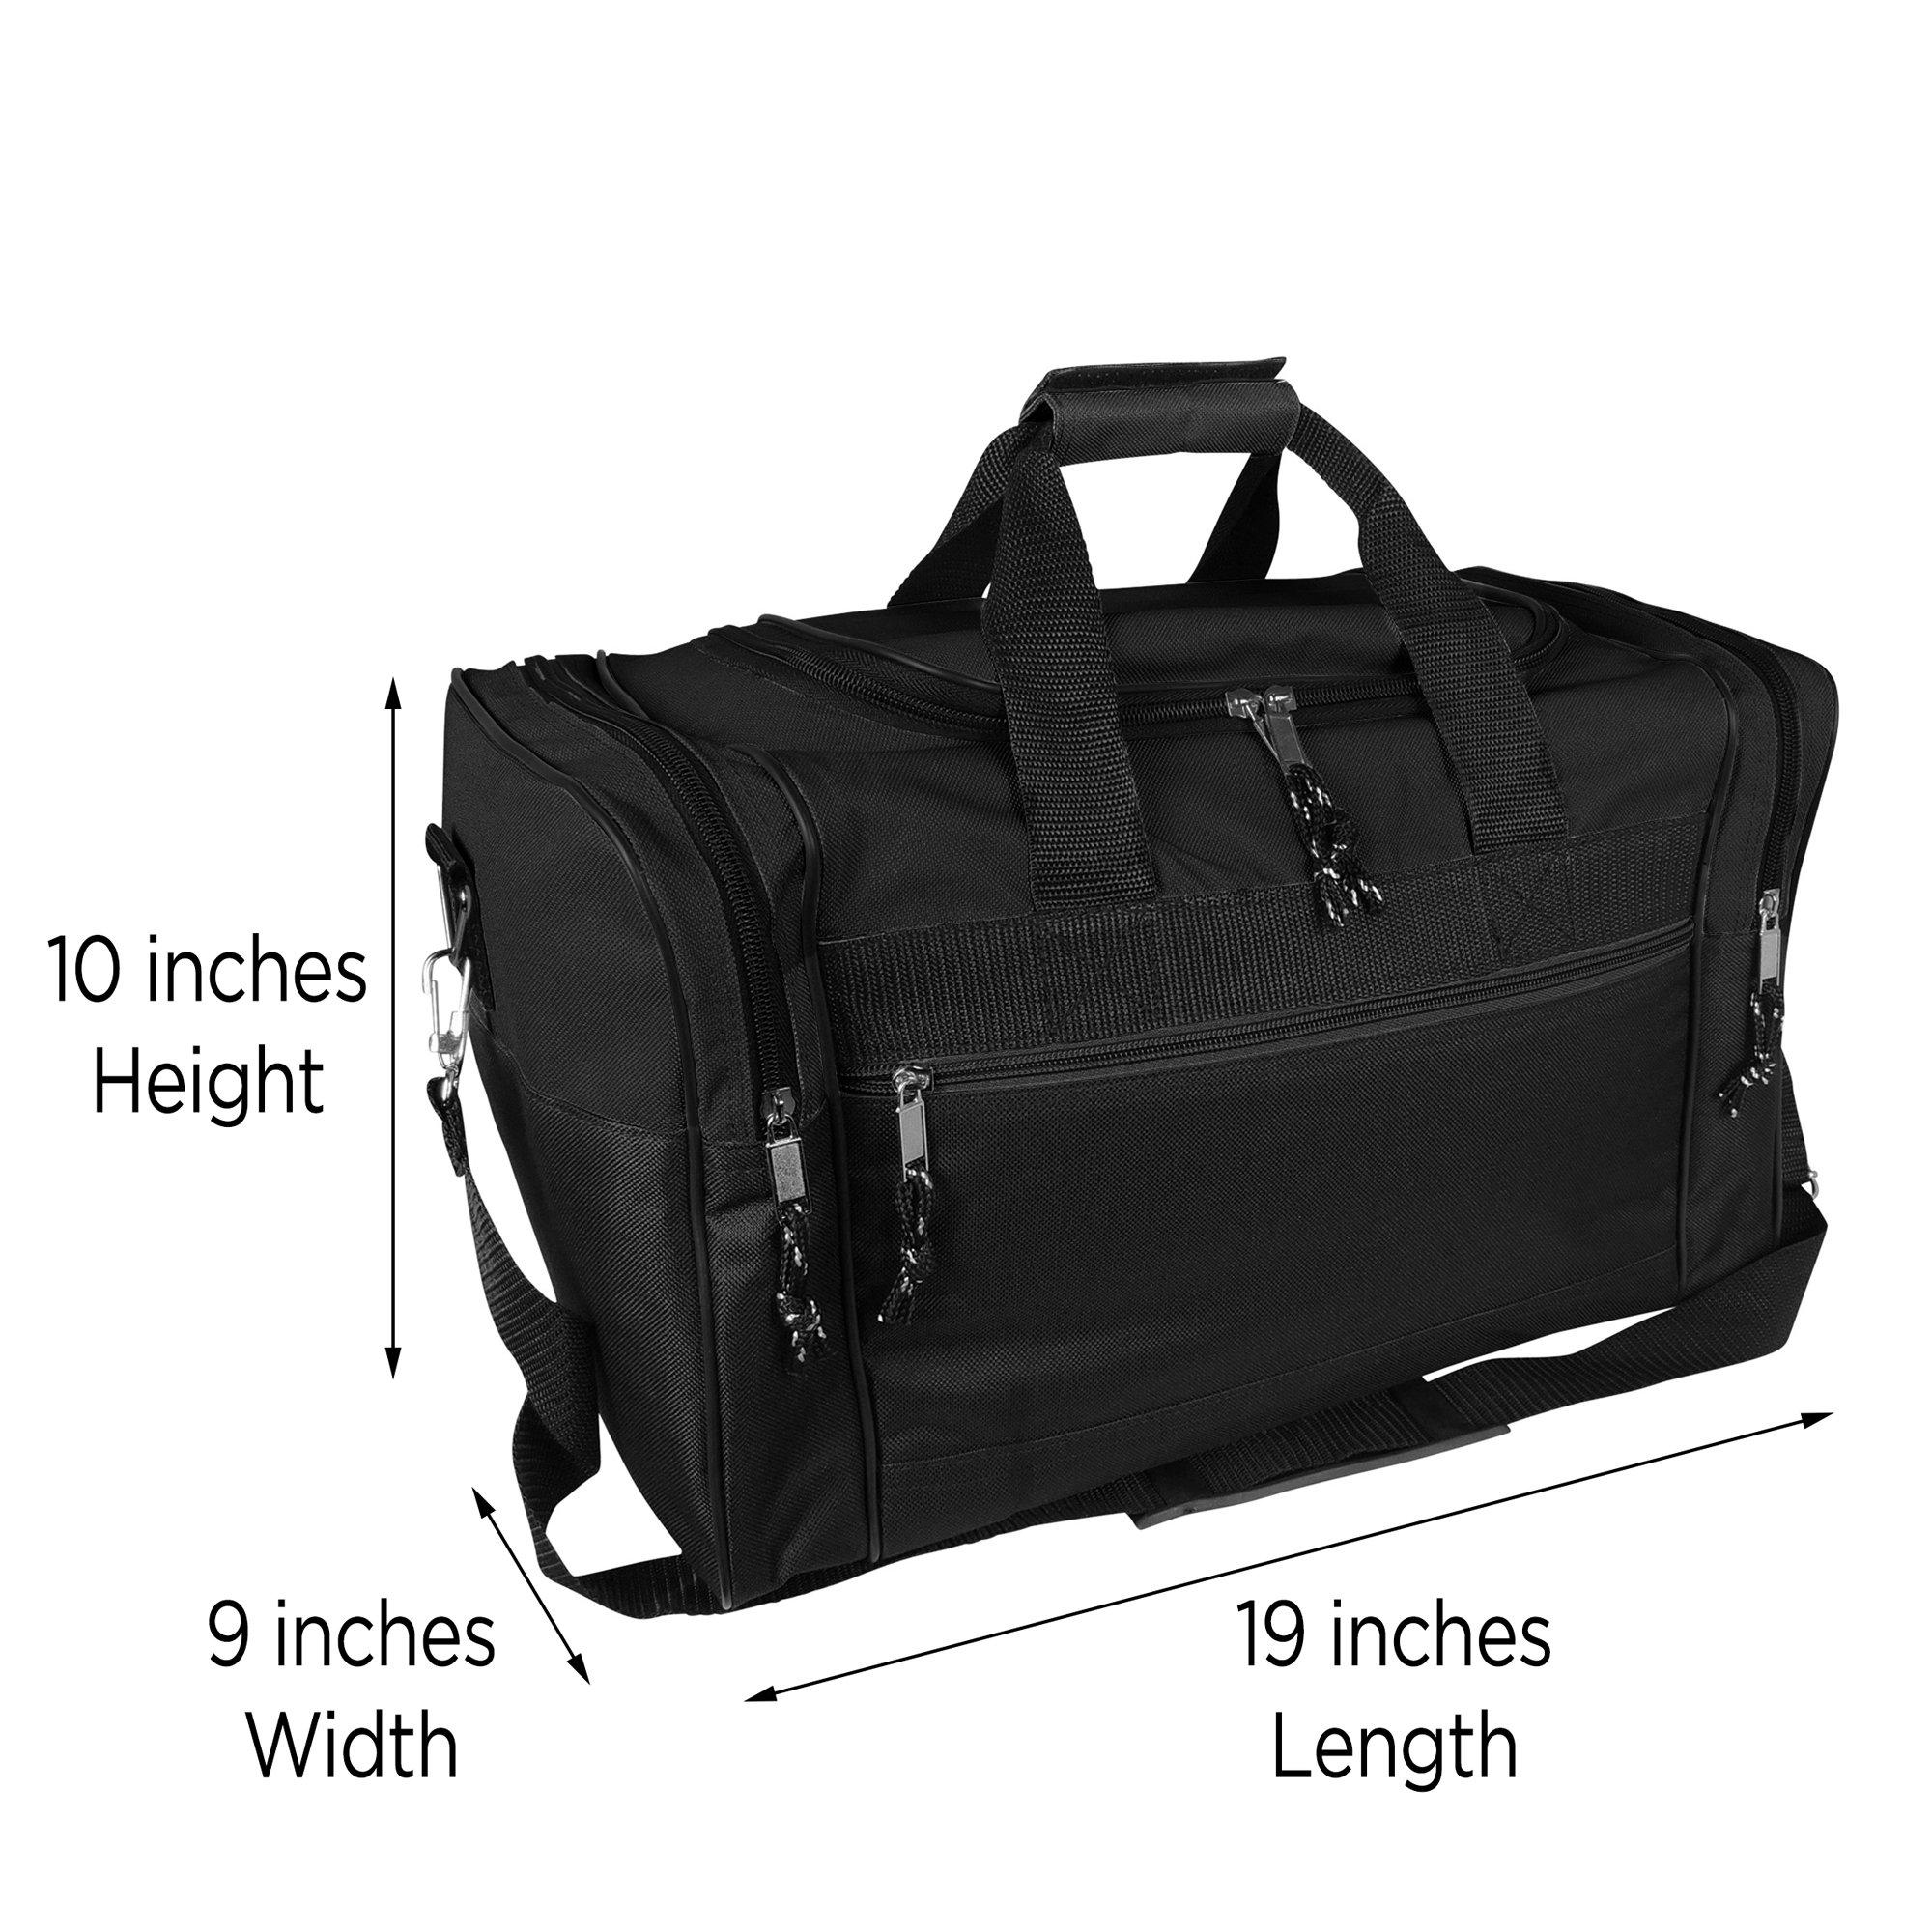 269559ae37a1 DALIX Blank Duffle Bag Duffel Bag in Black Gym Bag - DF-005-Black   Sports  Duffels   Clothing